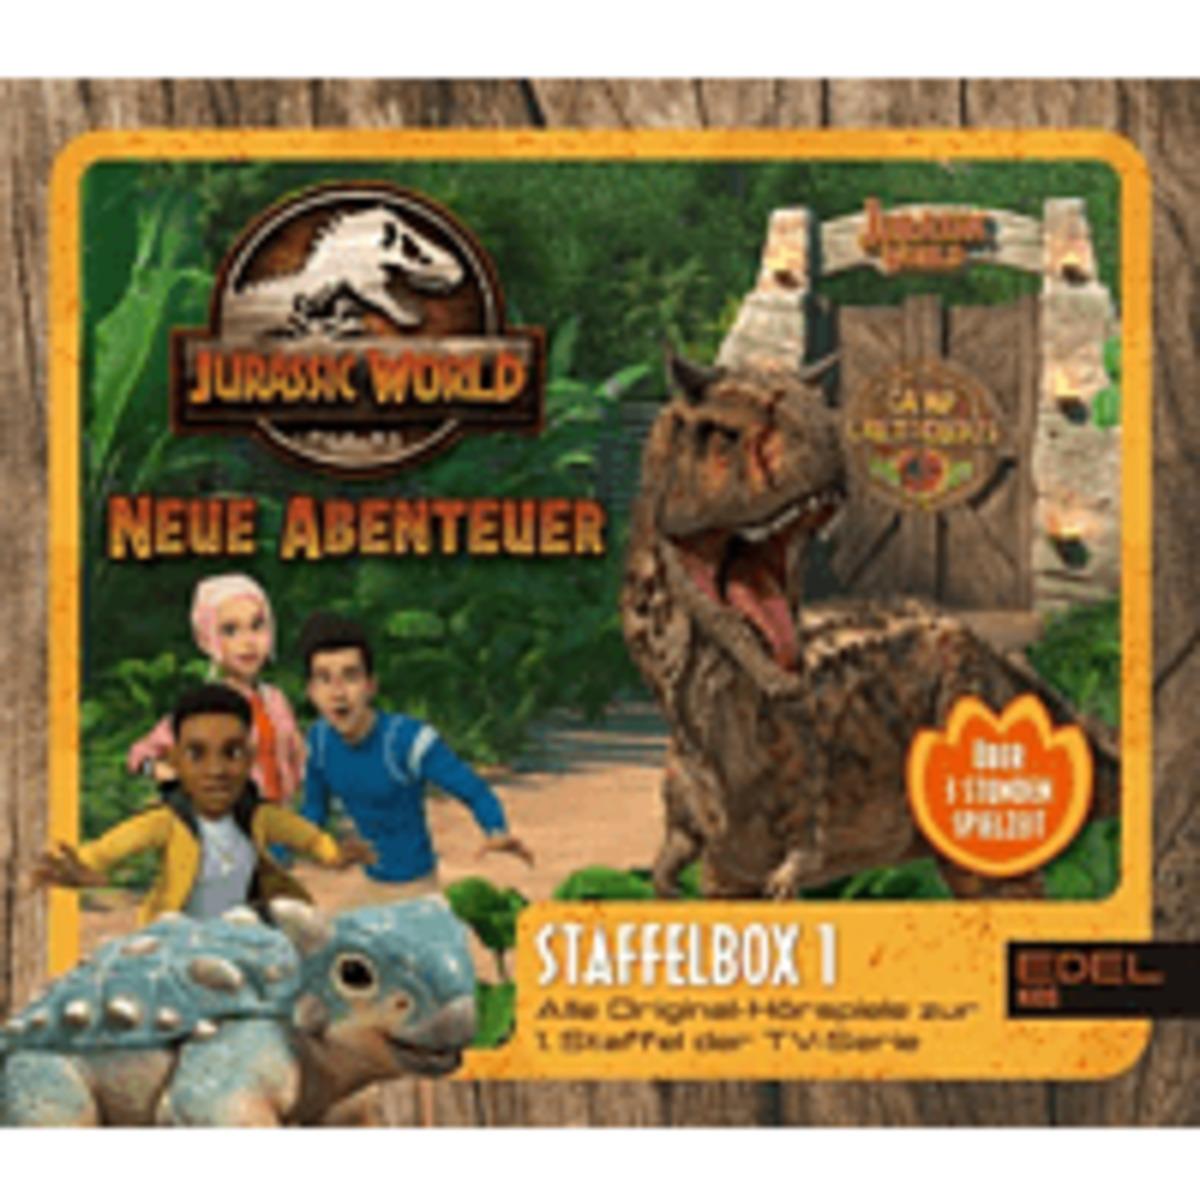 Bild 1 von Jurassic World-neue Abenteuer Staffelbox 1 Hörspiel (Kinder)